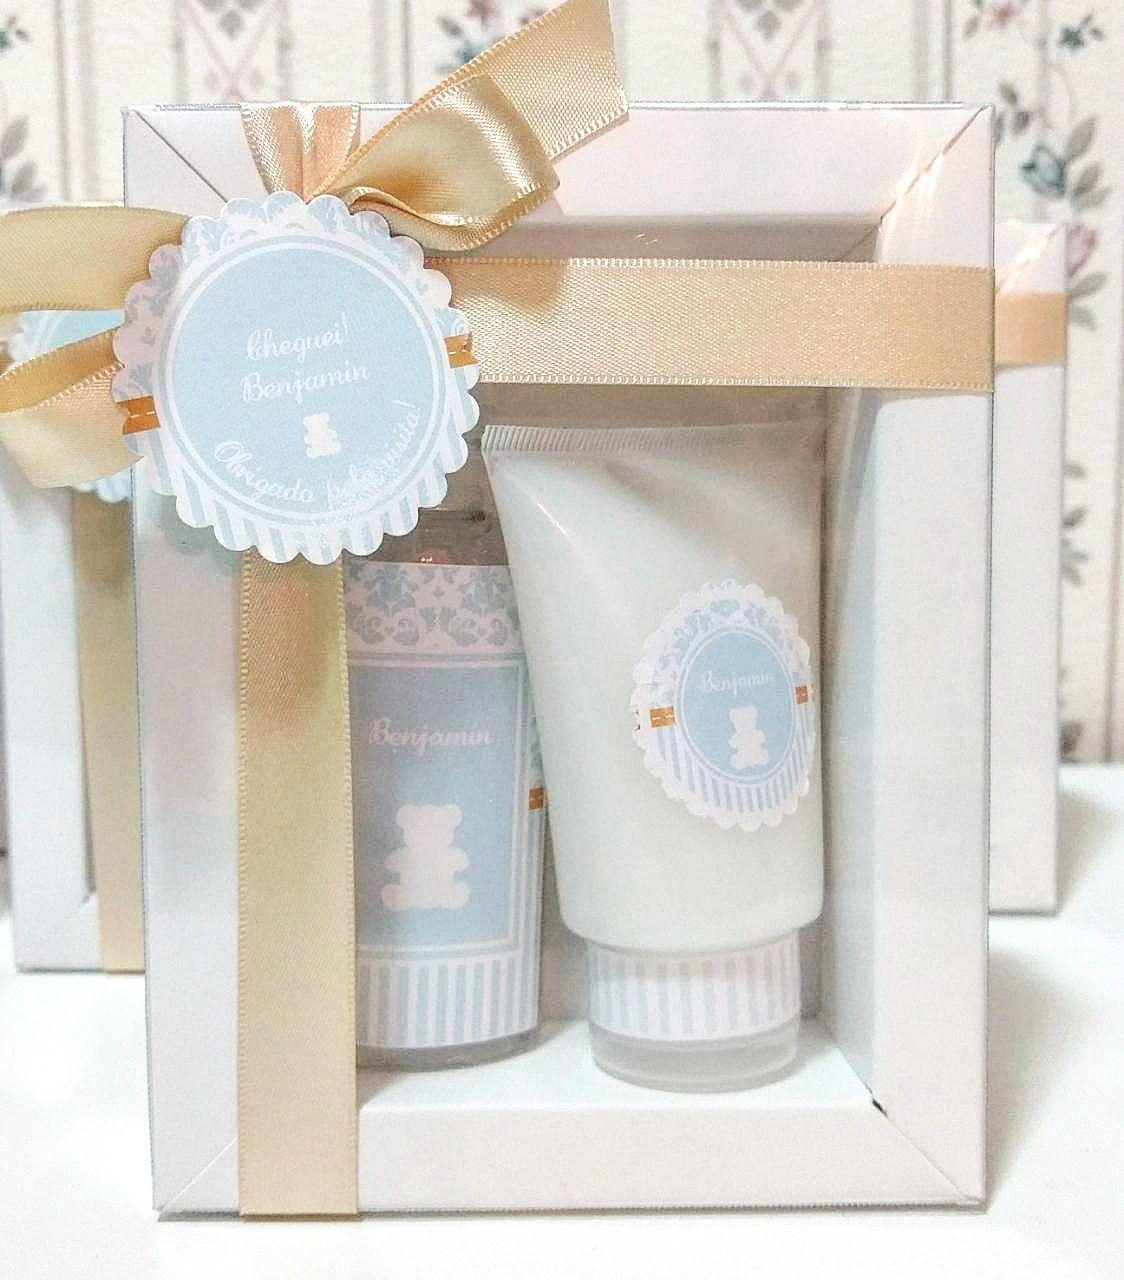 Lembrança kit cheiroso luxo ( Quantidade mínima 20 unidades )